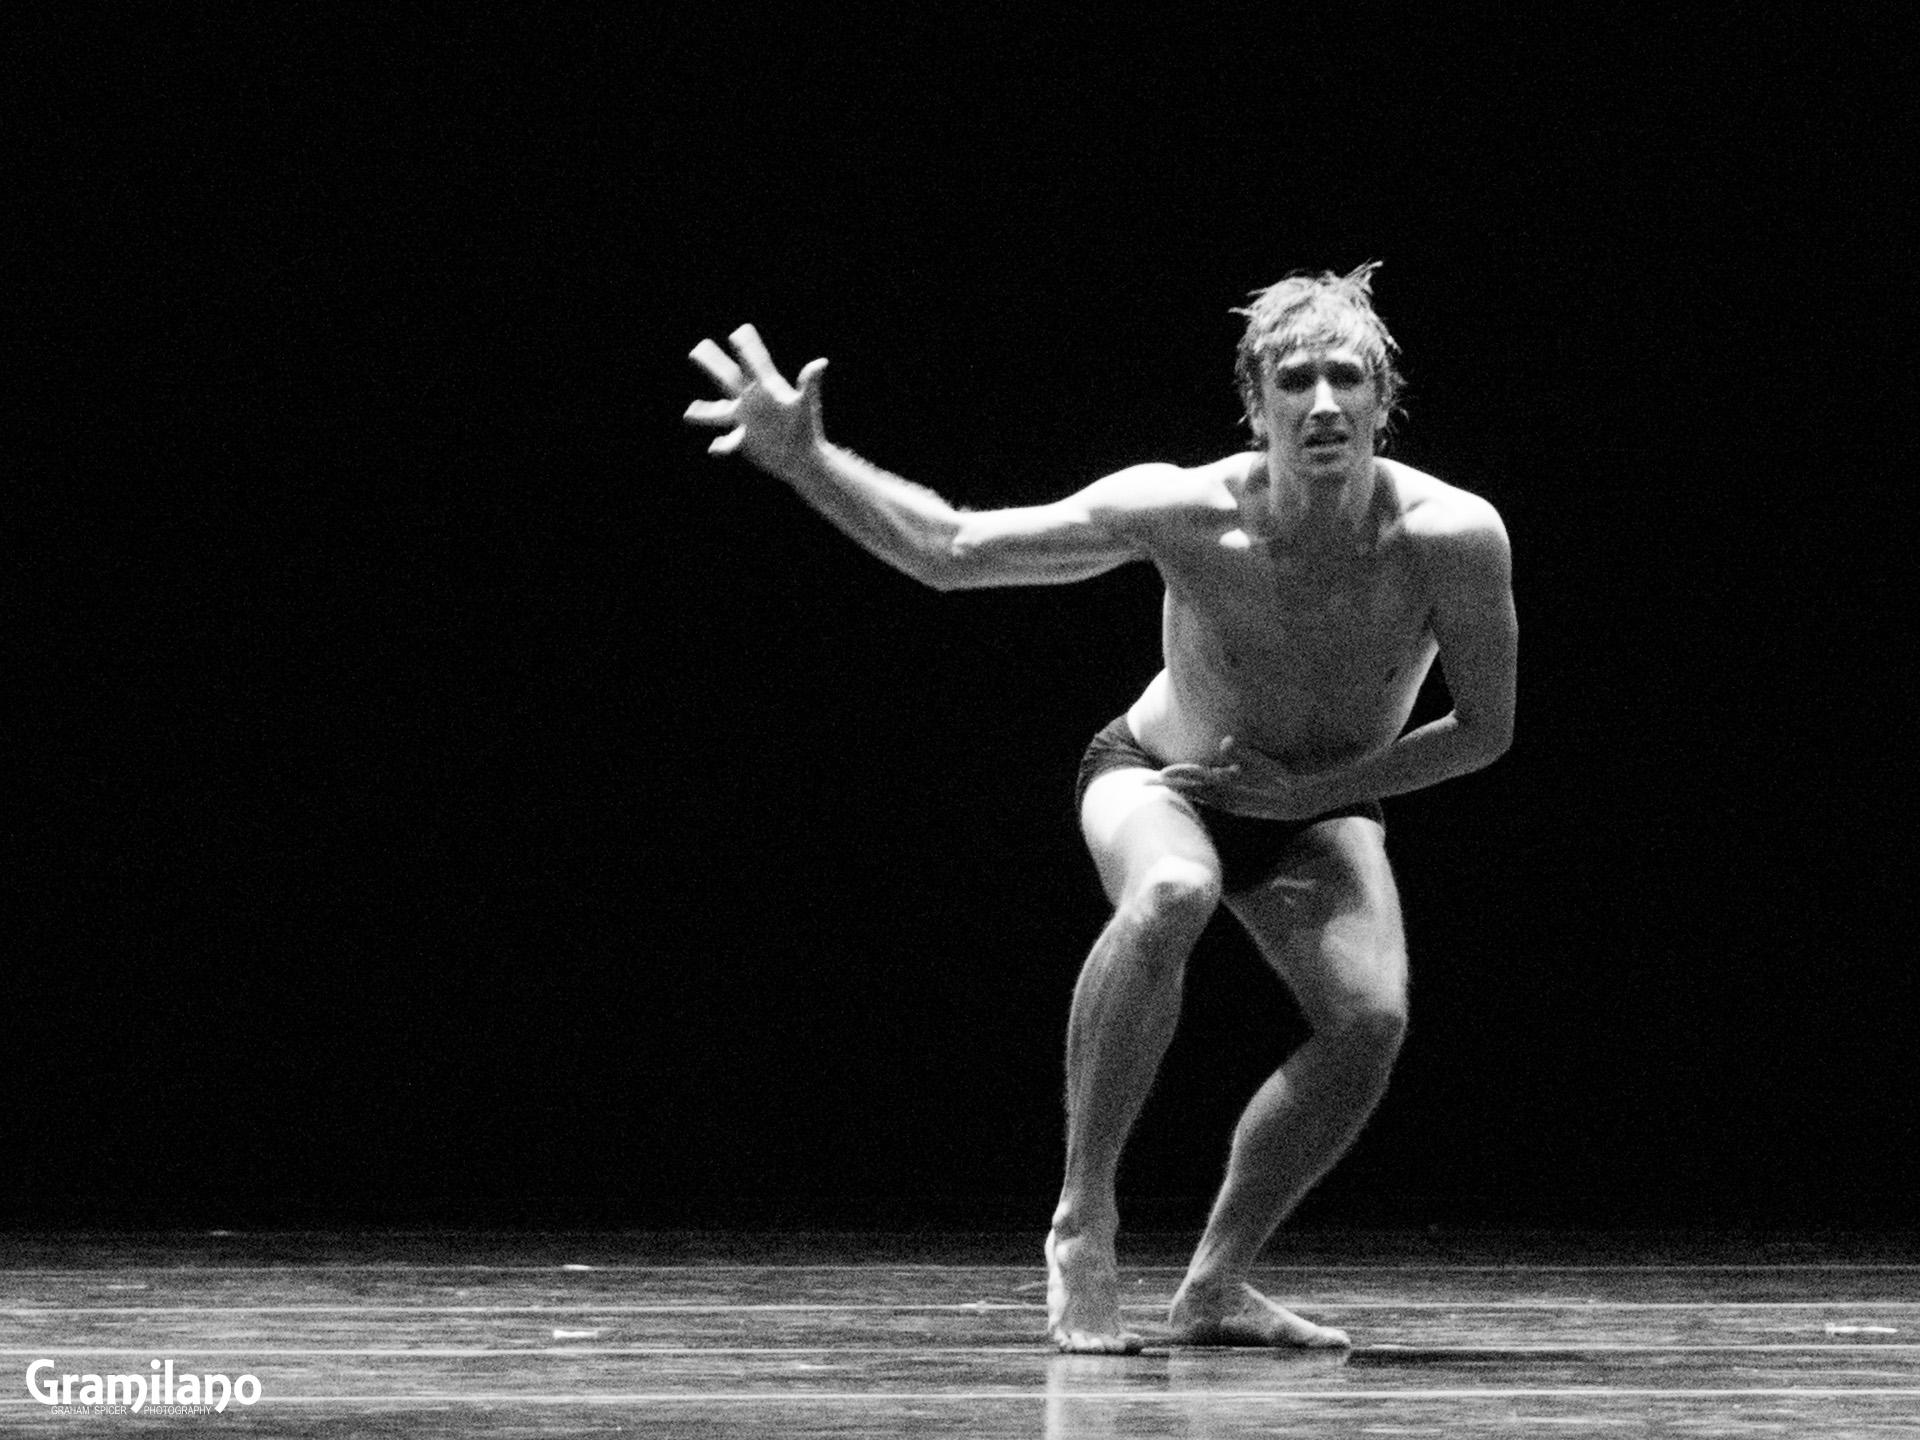 Andrey Merkuriev in his own work, Shout